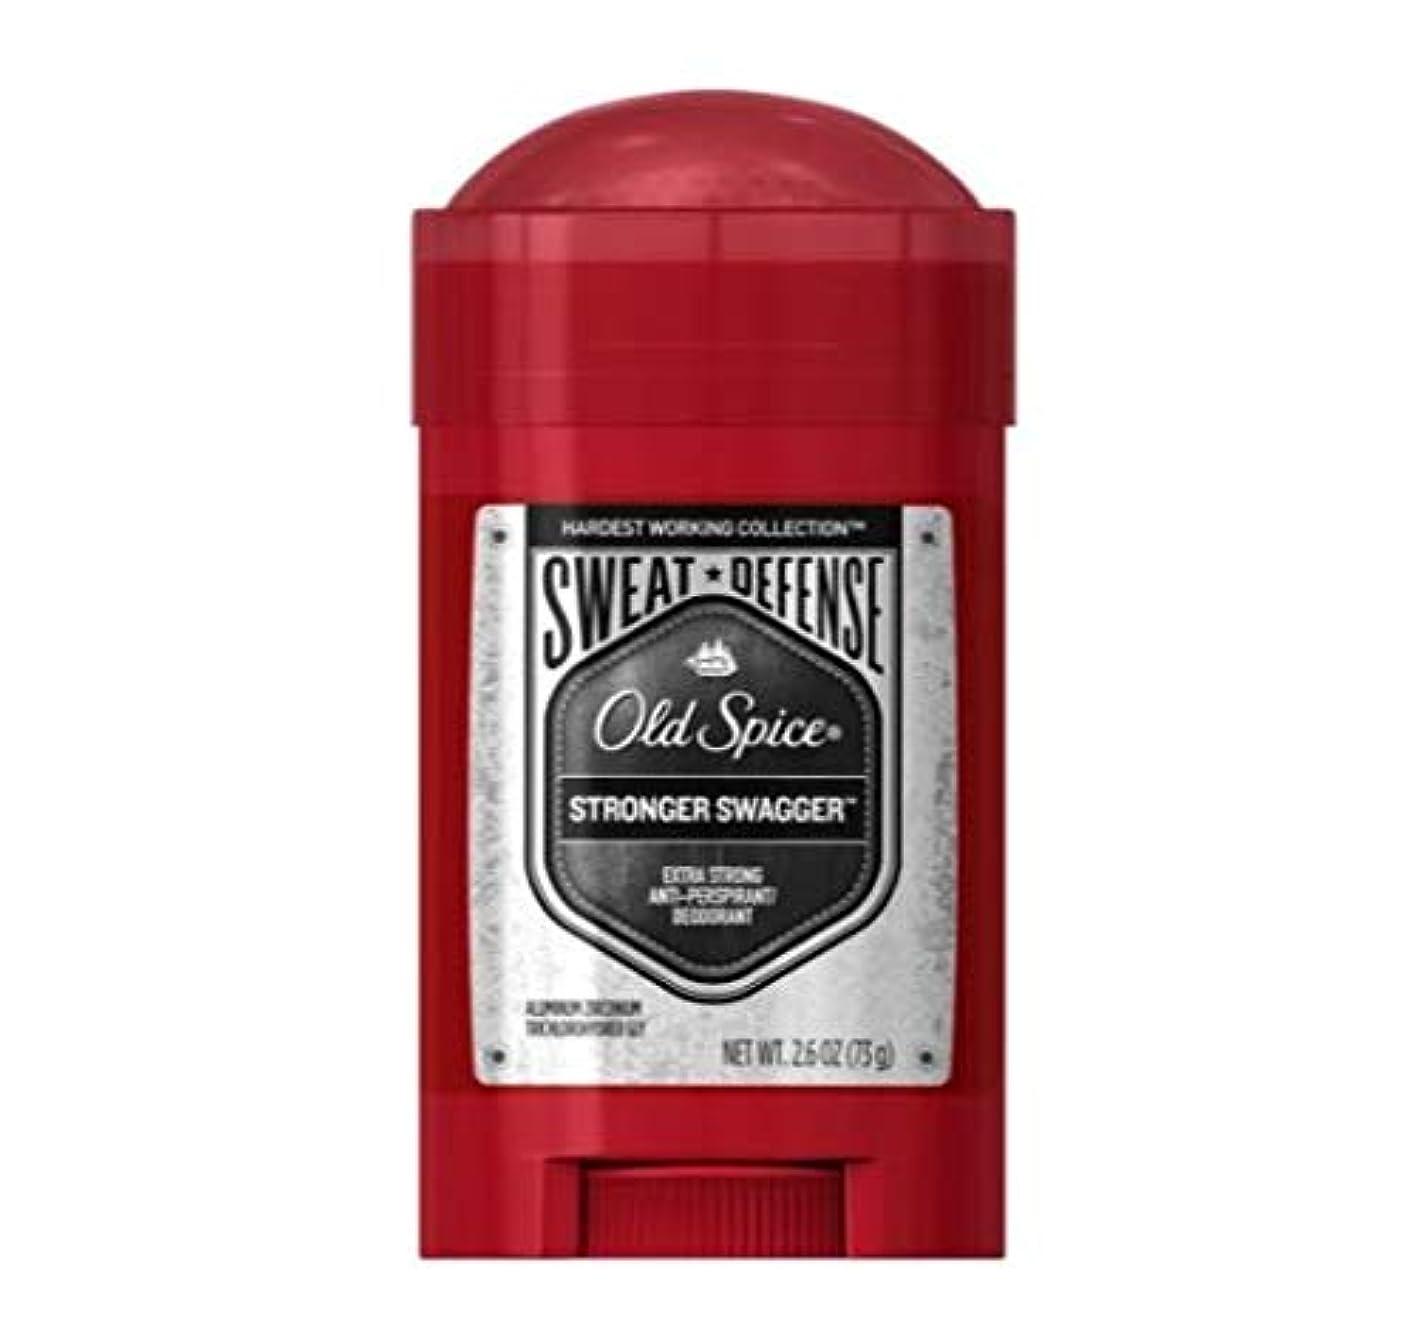 水を飲む対人エキサイティングOld Spice Hardest Working Collection Sweat Defense Stronger Swagger Antiperspirant and Deodorant - 2.6oz オールドスパイス...